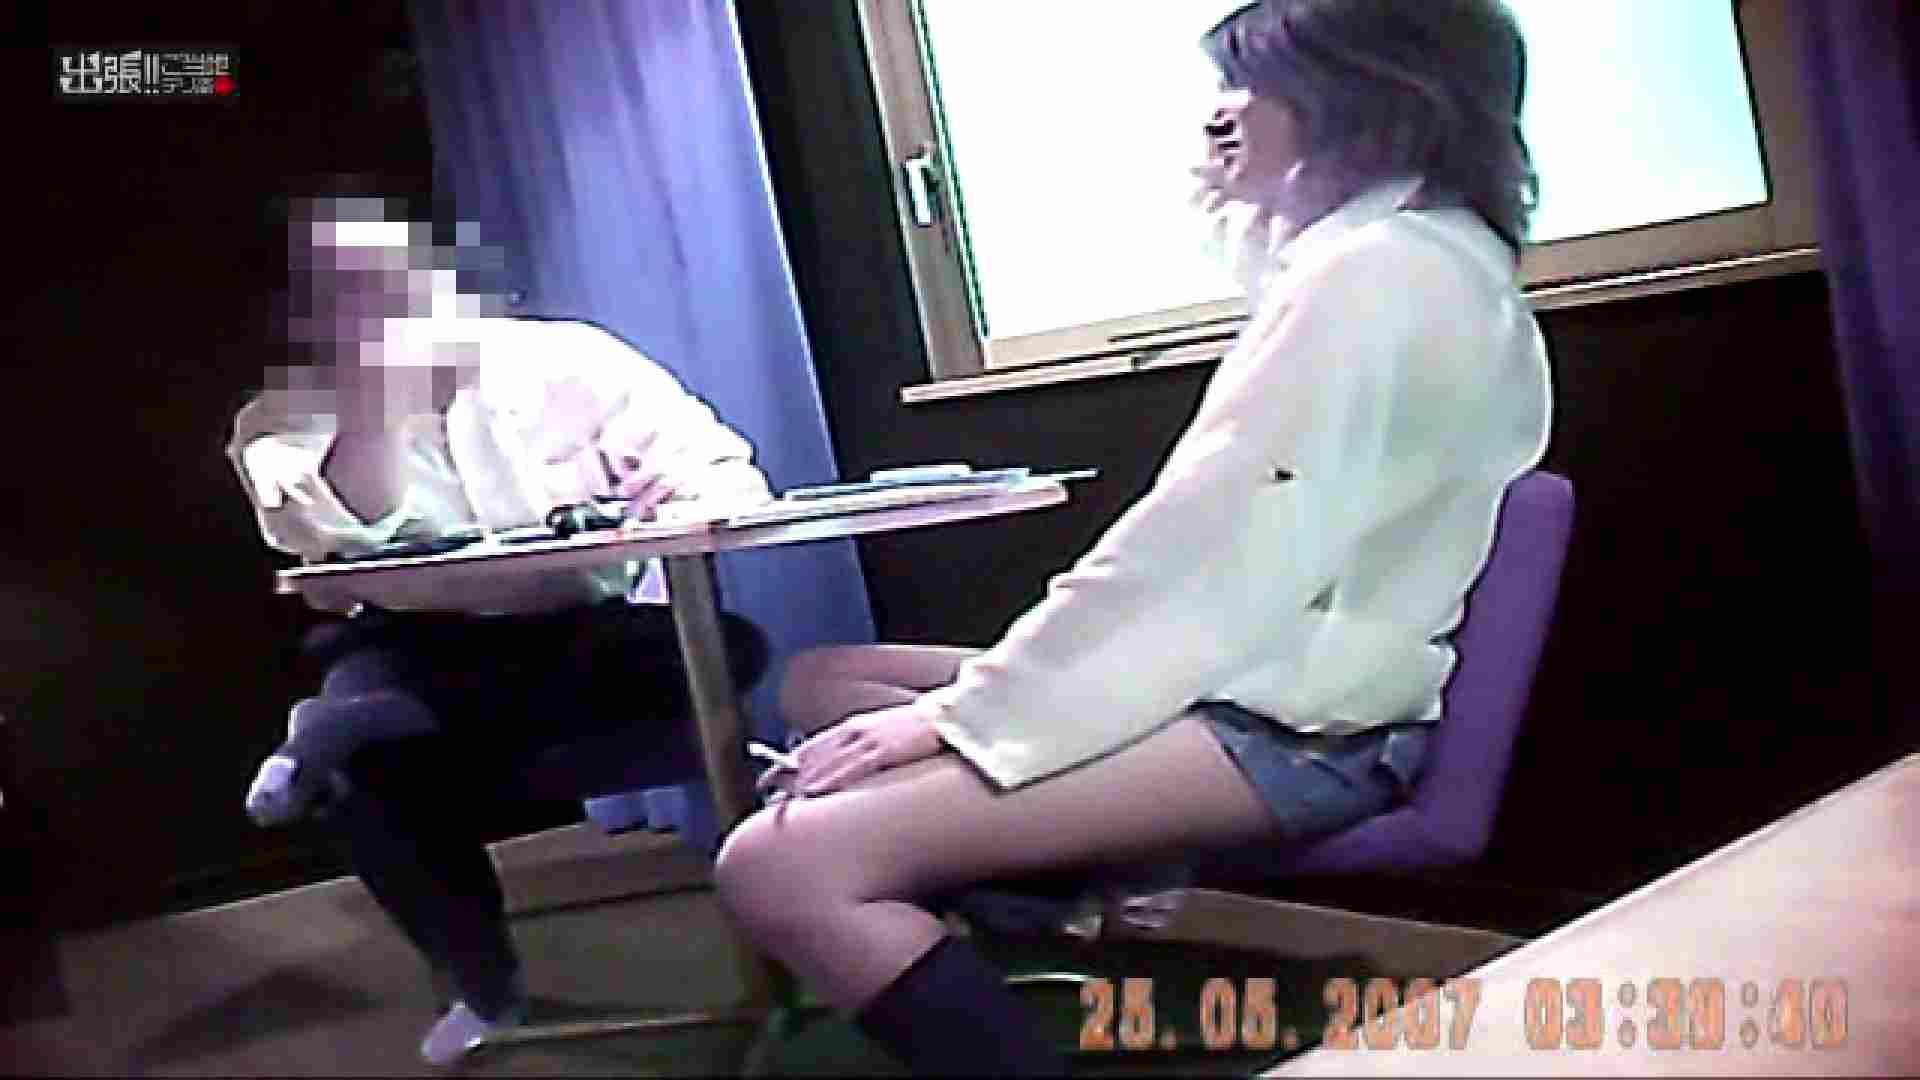 出張リーマンのデリ嬢隠し撮り第3弾vol.5 綺麗なOLたち エロ無料画像 103枚 44